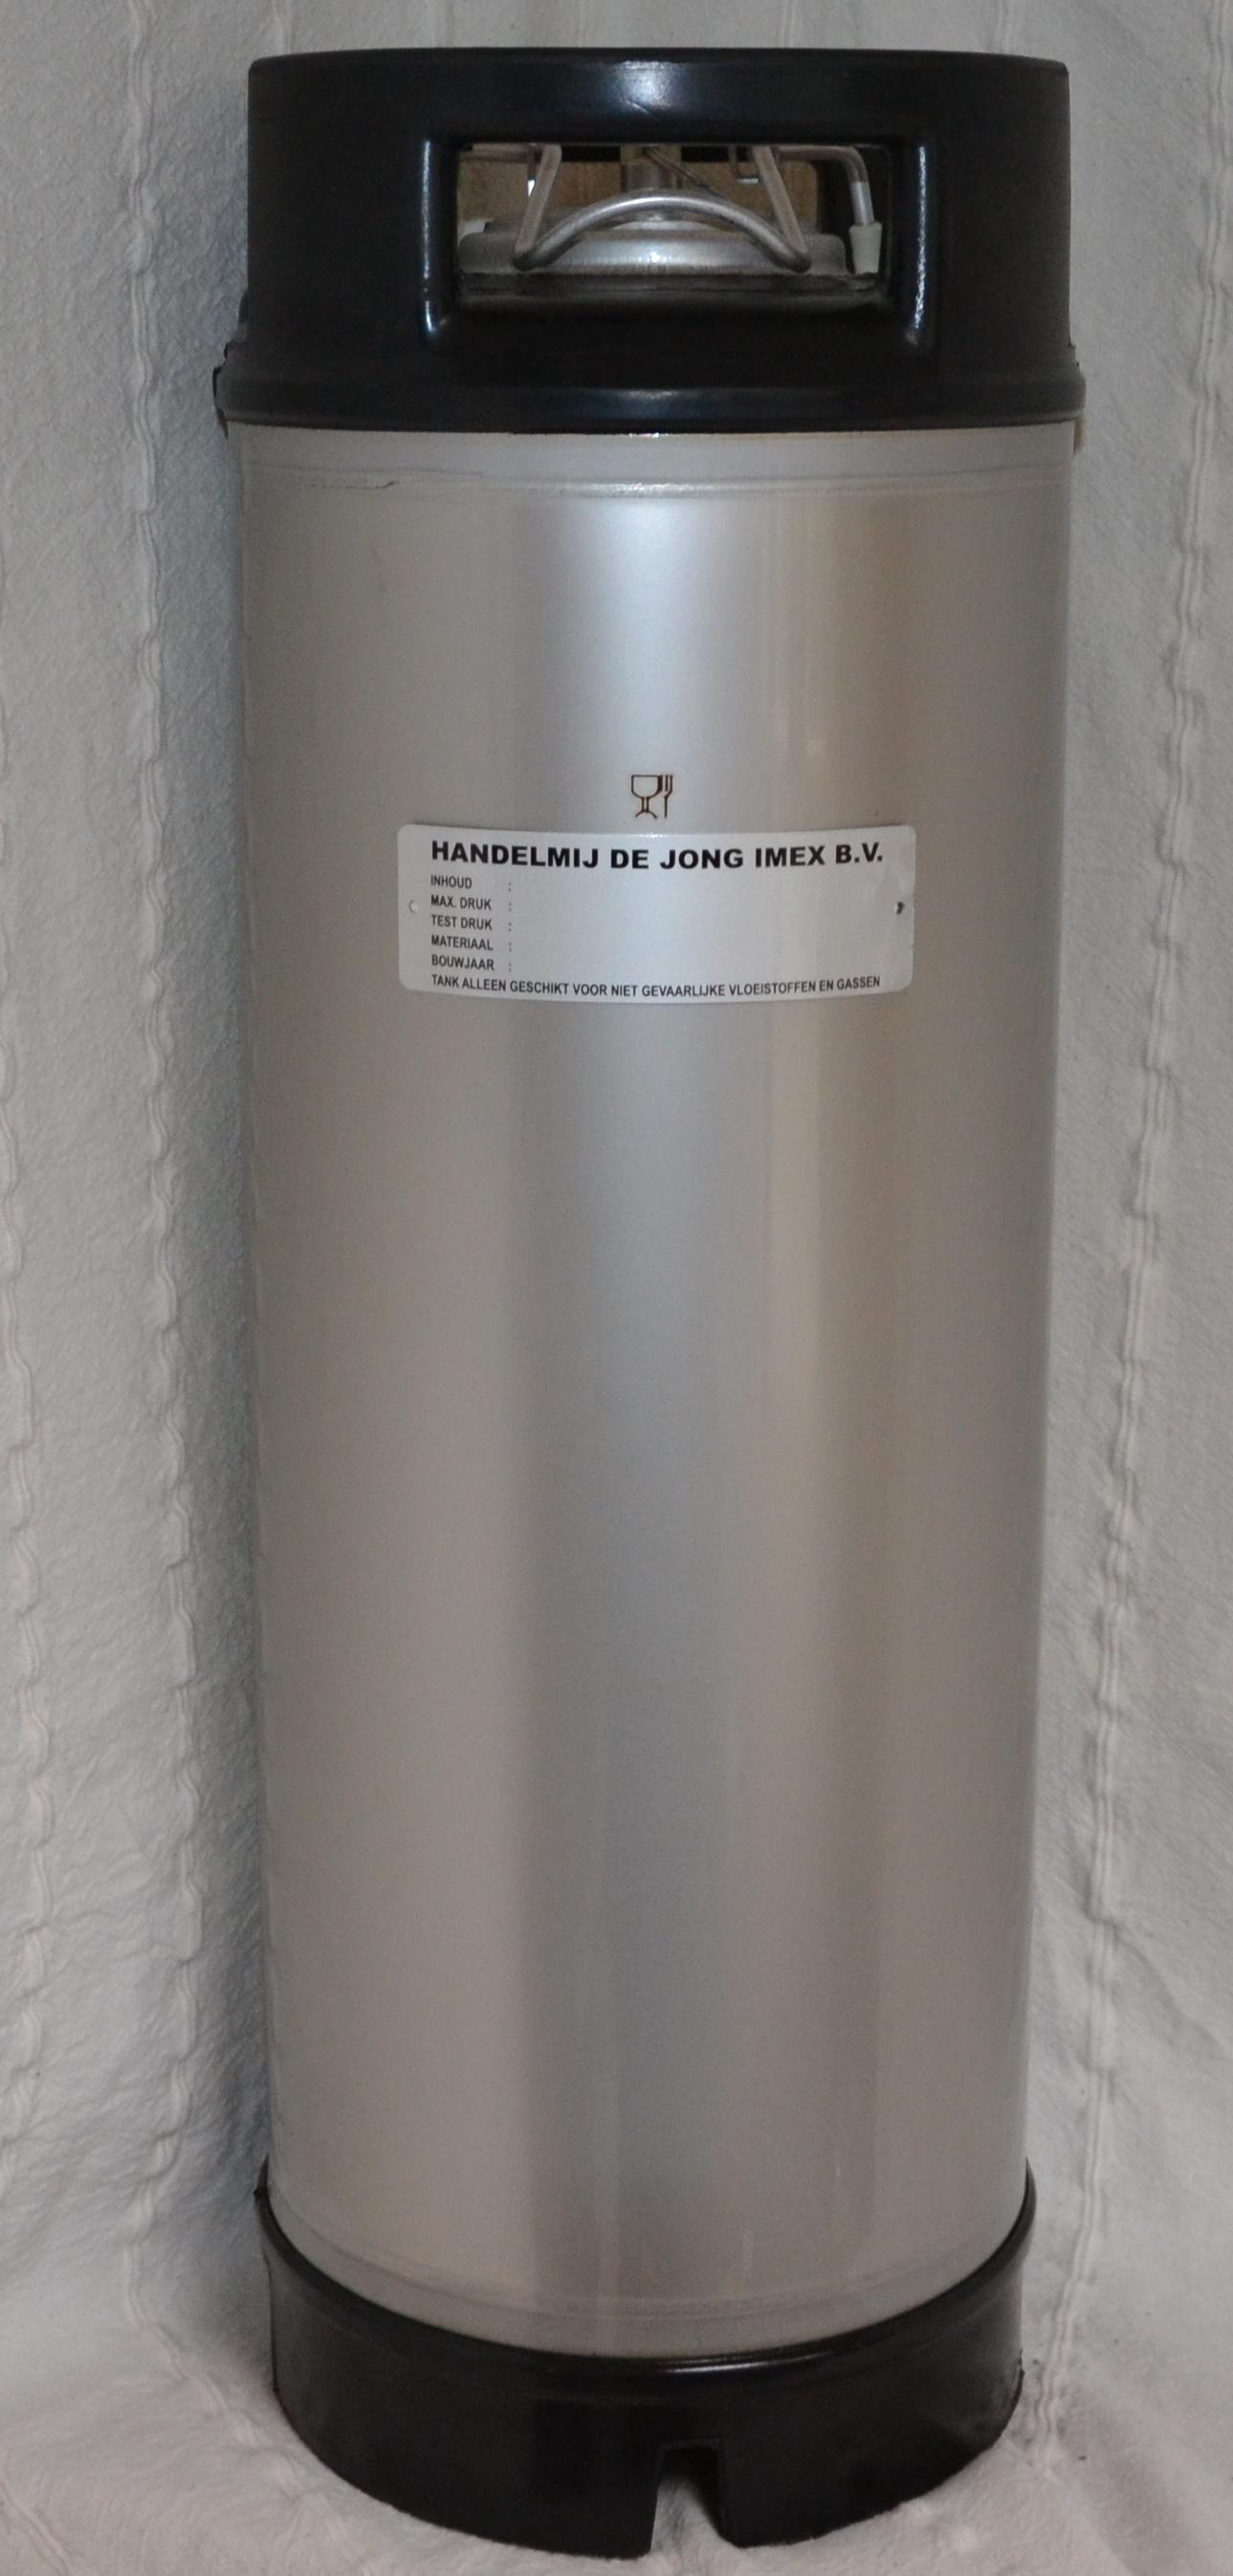 Drukvat inh. 18,9 ltr. Rubber standvoet Image